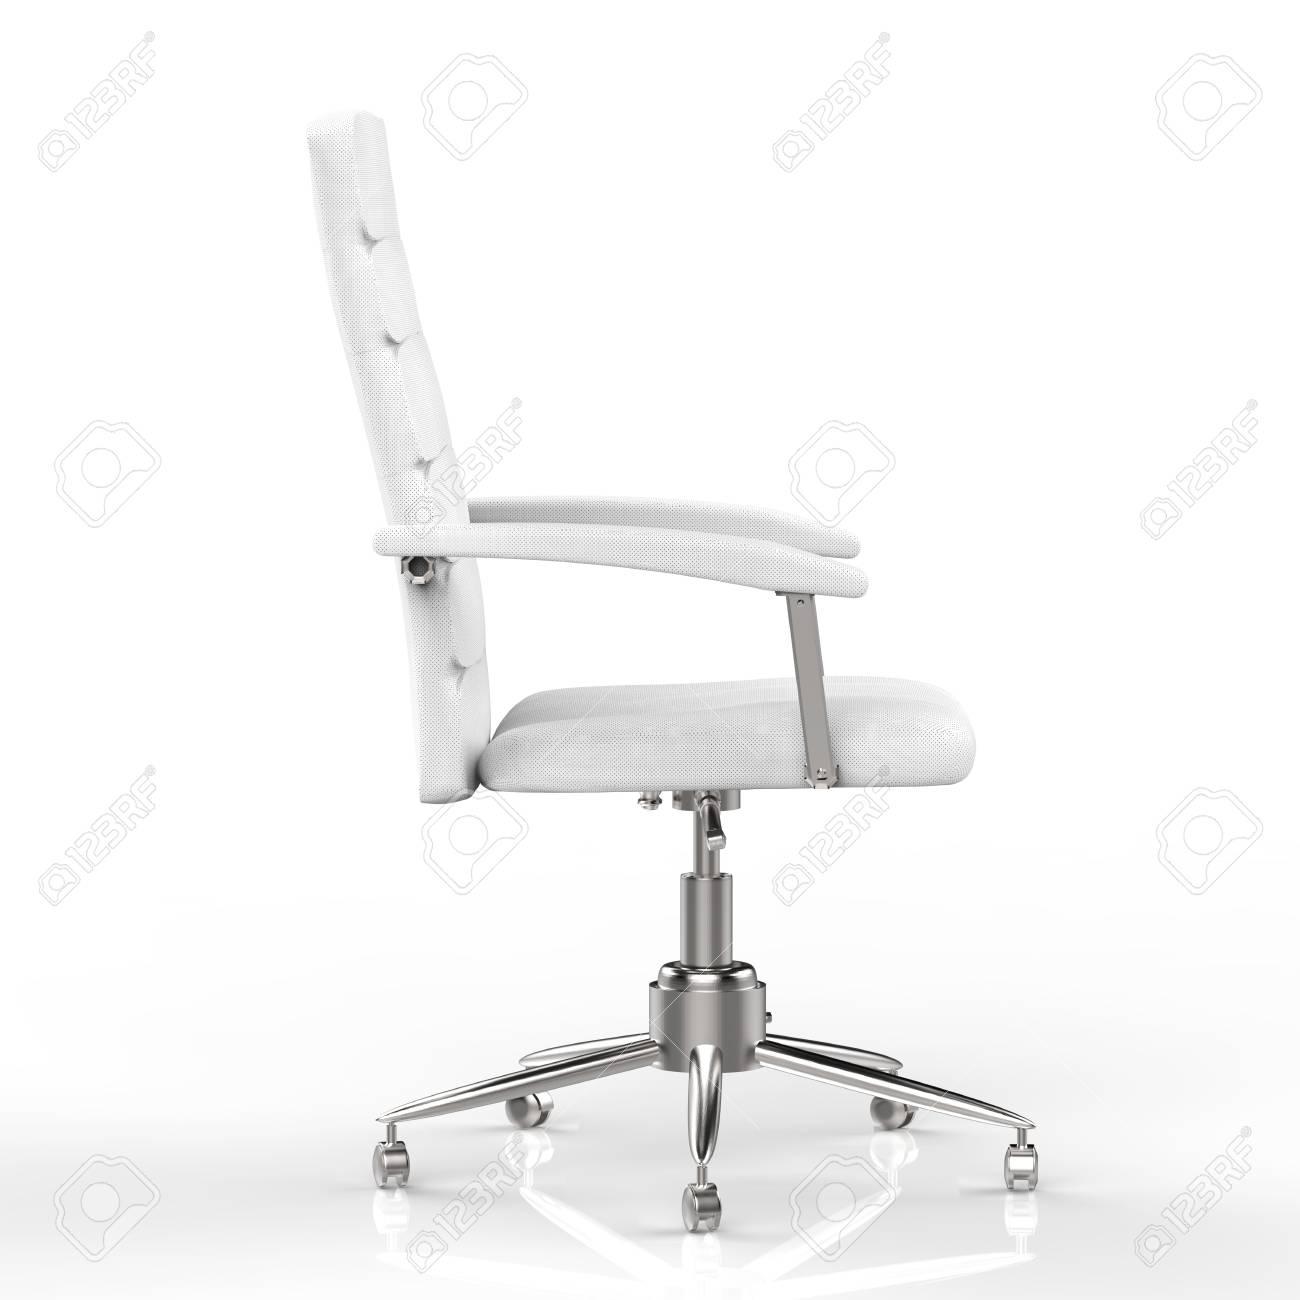 Silla De Oficina Blanca De Representación 3D Sobre Fondo Blanco ...